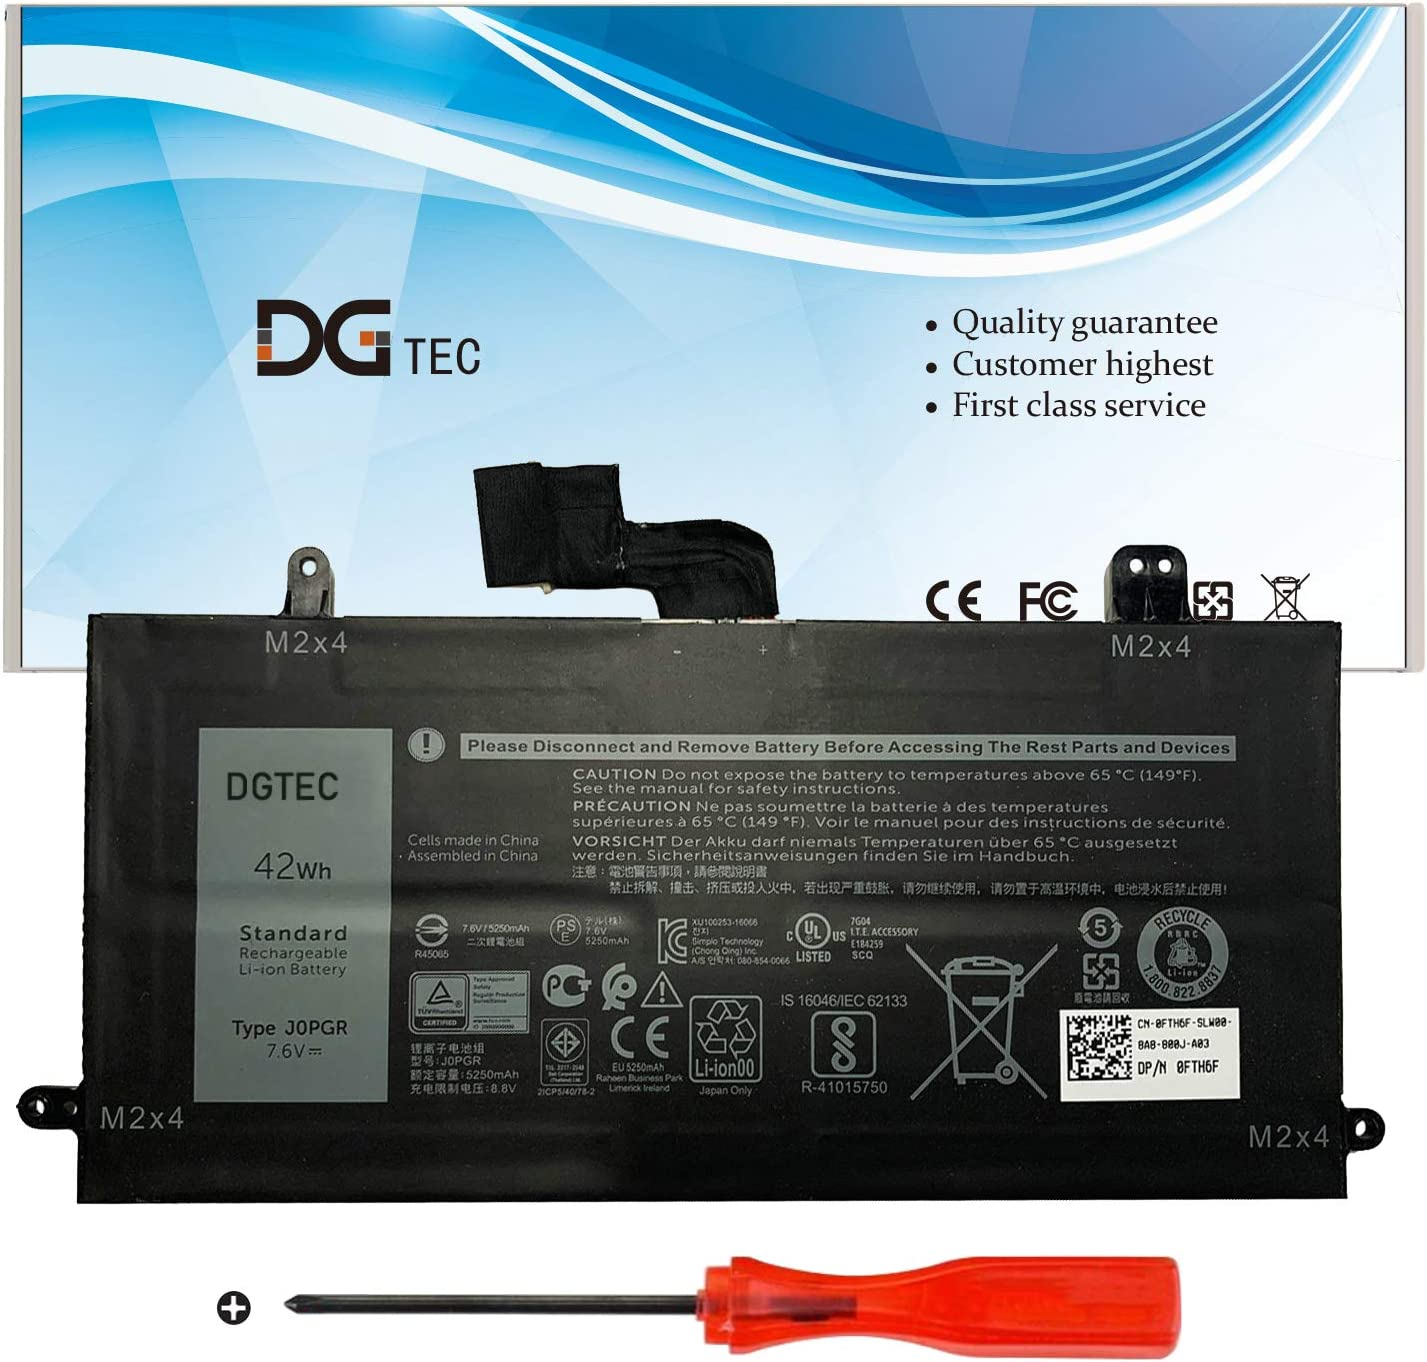 DGTEC J0PGR 42Wh/5250mAh Laptop Battery for Dell Latitude 12 5285 5290 E5285 E5290 2 in 1 Series X16TW FTH6F FTG78 1WND8 0J0PGR 7.6V